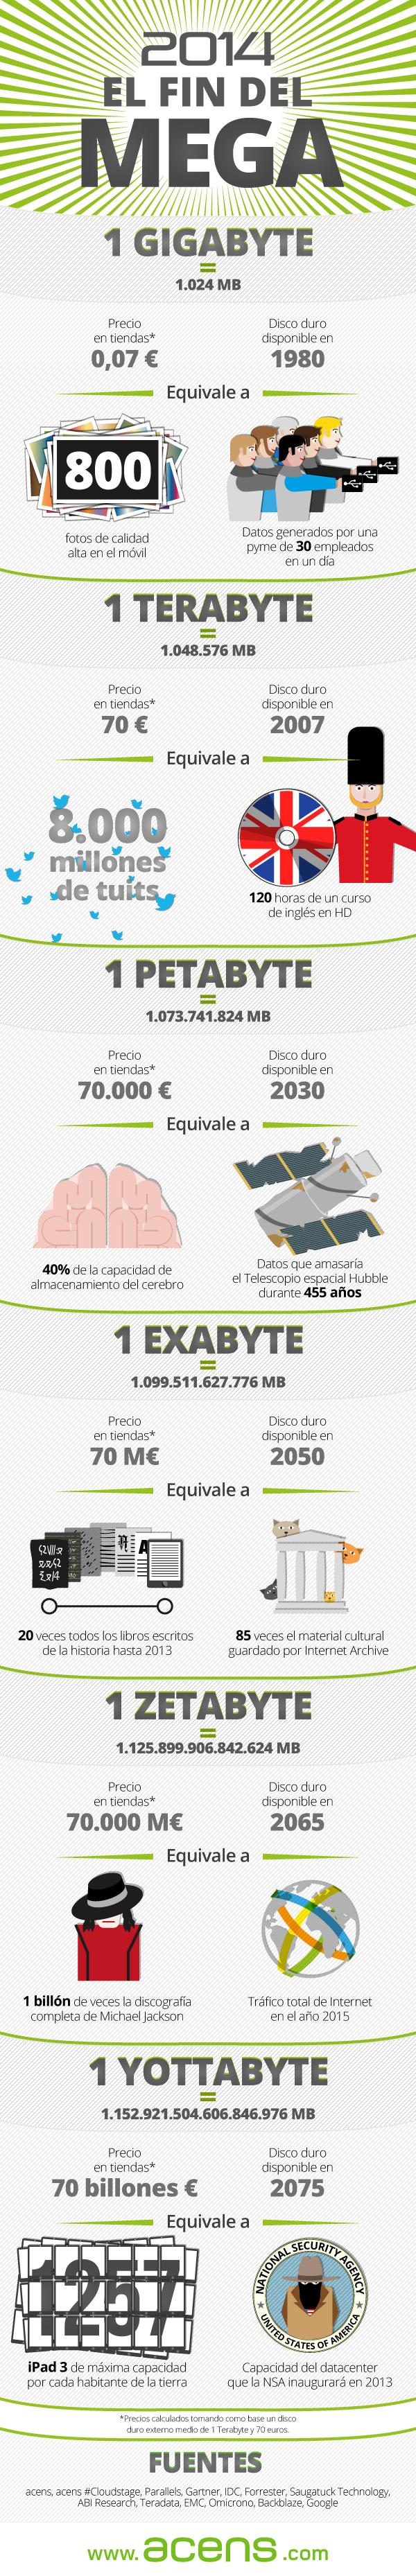 Infografía: '2014, el fin del Mega'